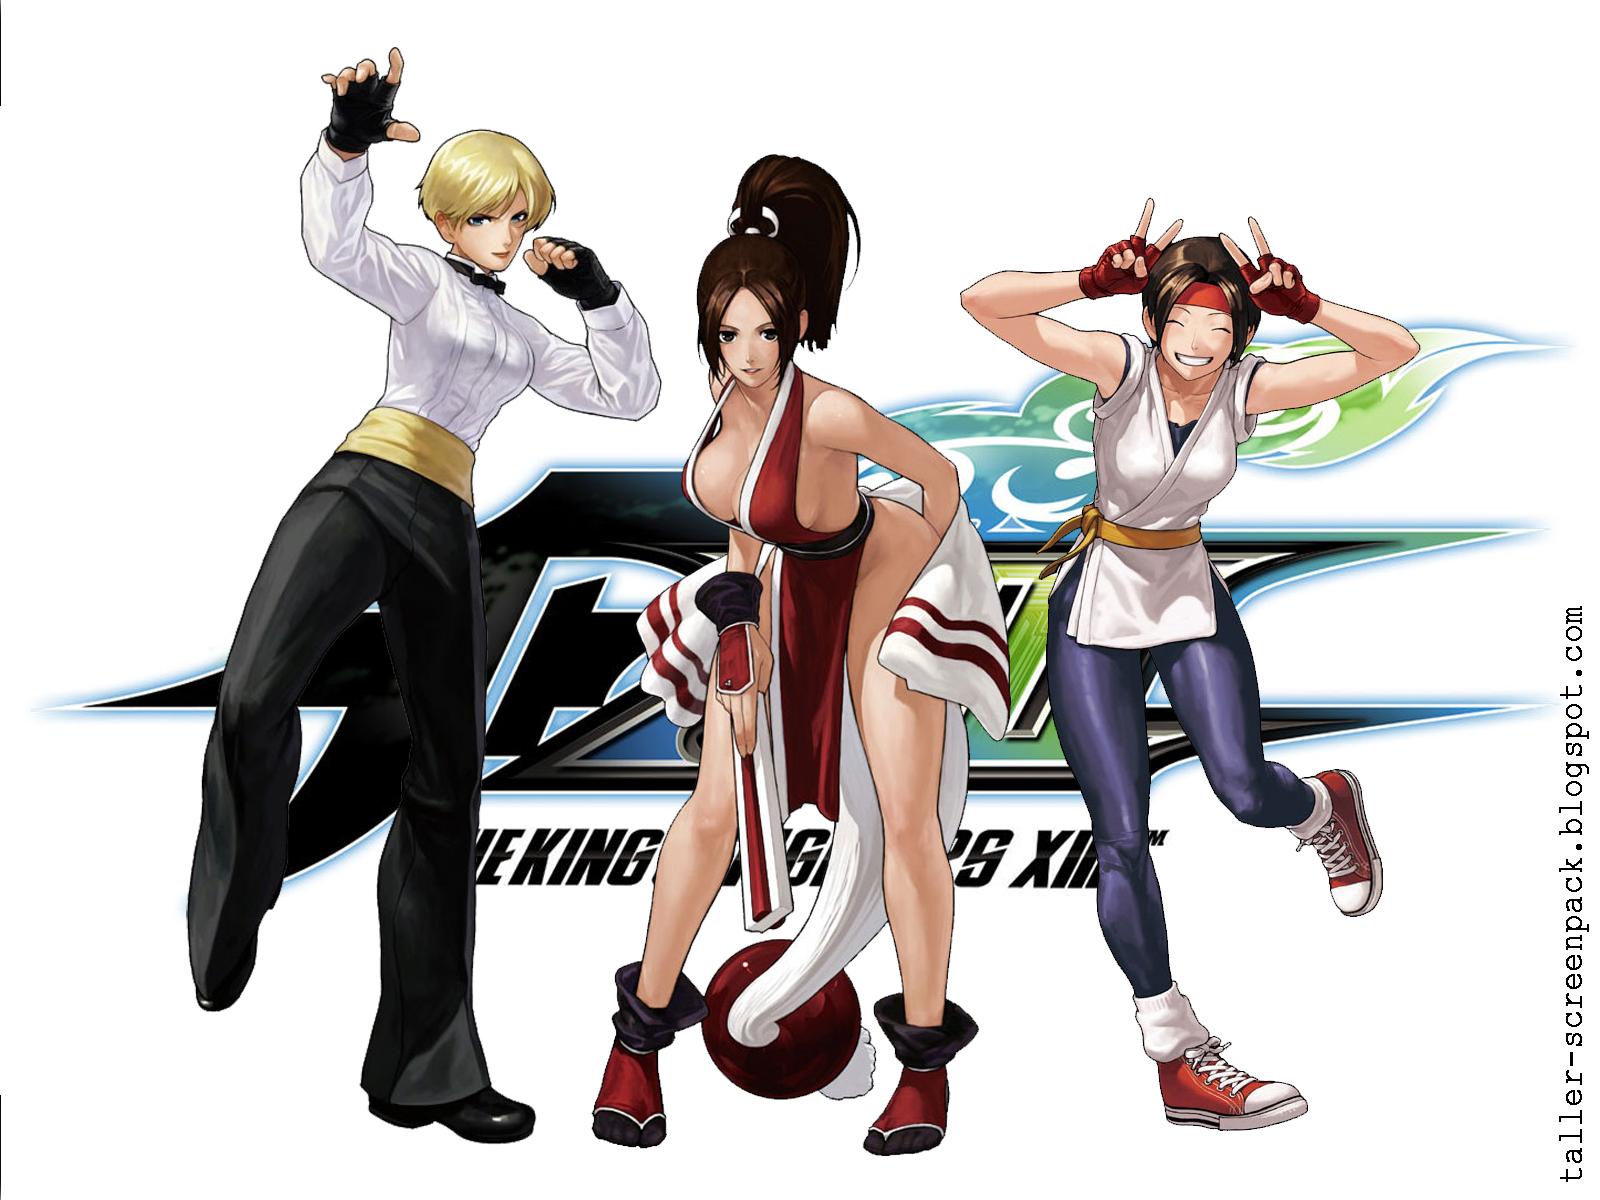 http://1.bp.blogspot.com/-V5154E7kxT0/Ti3Zjt3SYMI/AAAAAAAAA1E/DRhaRvCCIvo/s1600/women+fighter.jpg